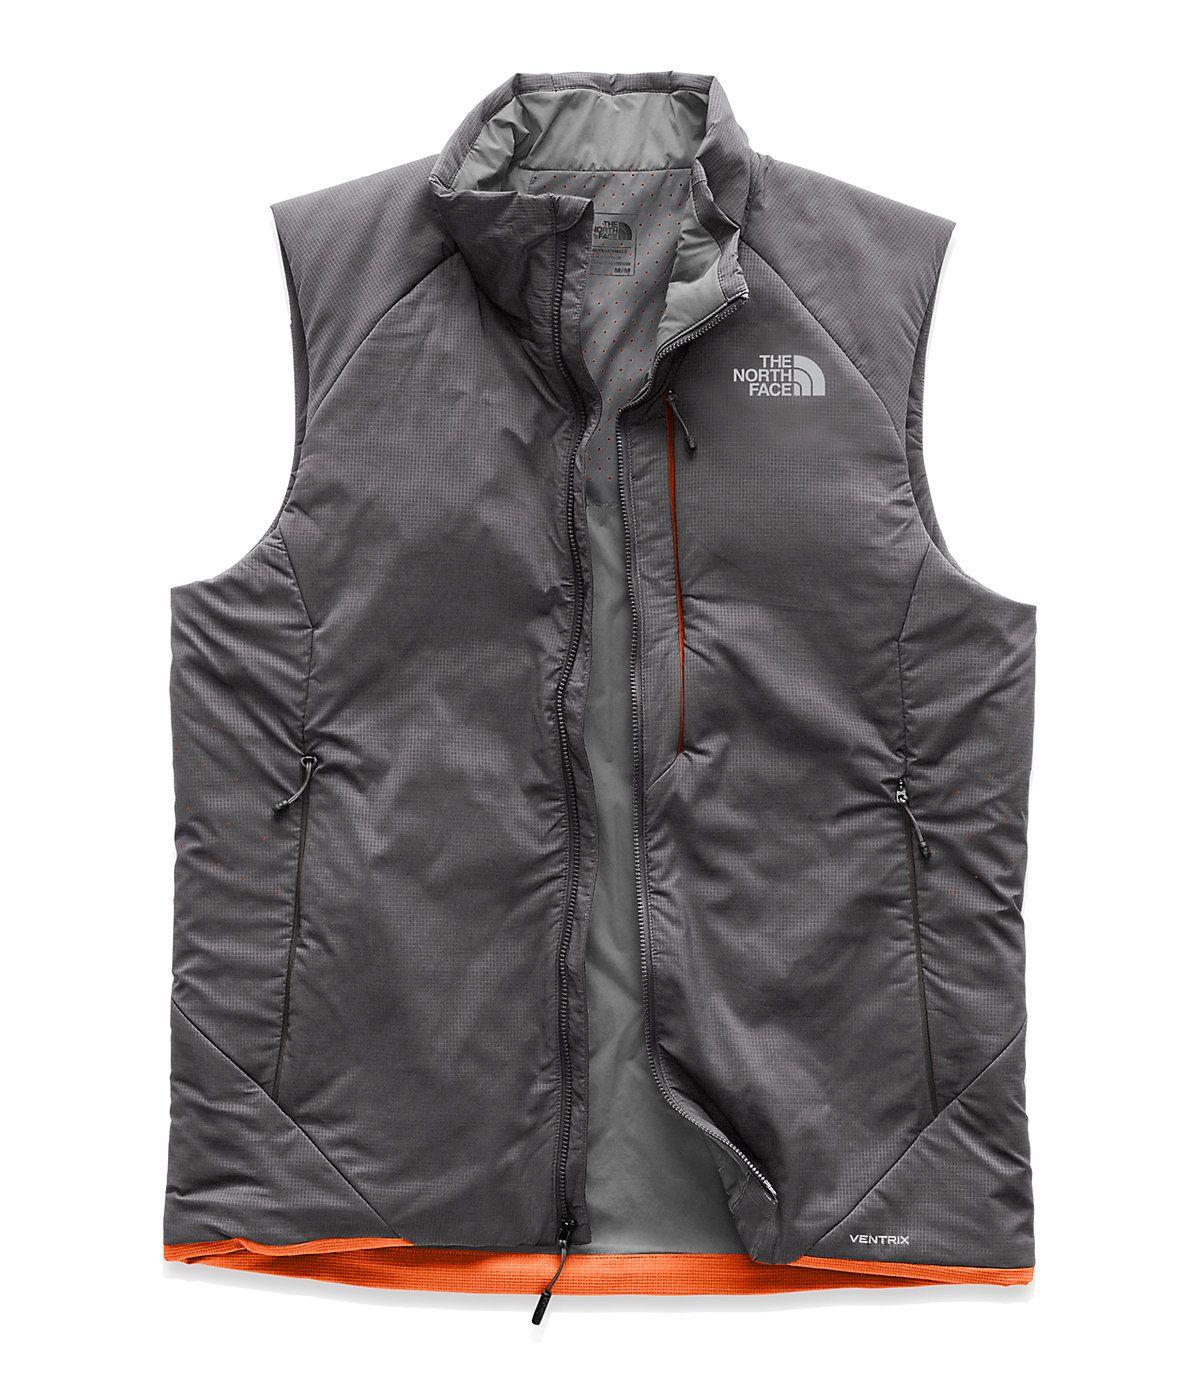 c2c92f42d Men's Ventrix™ Vest in 2019 | Products | Vest, Vest jacket, Jackets